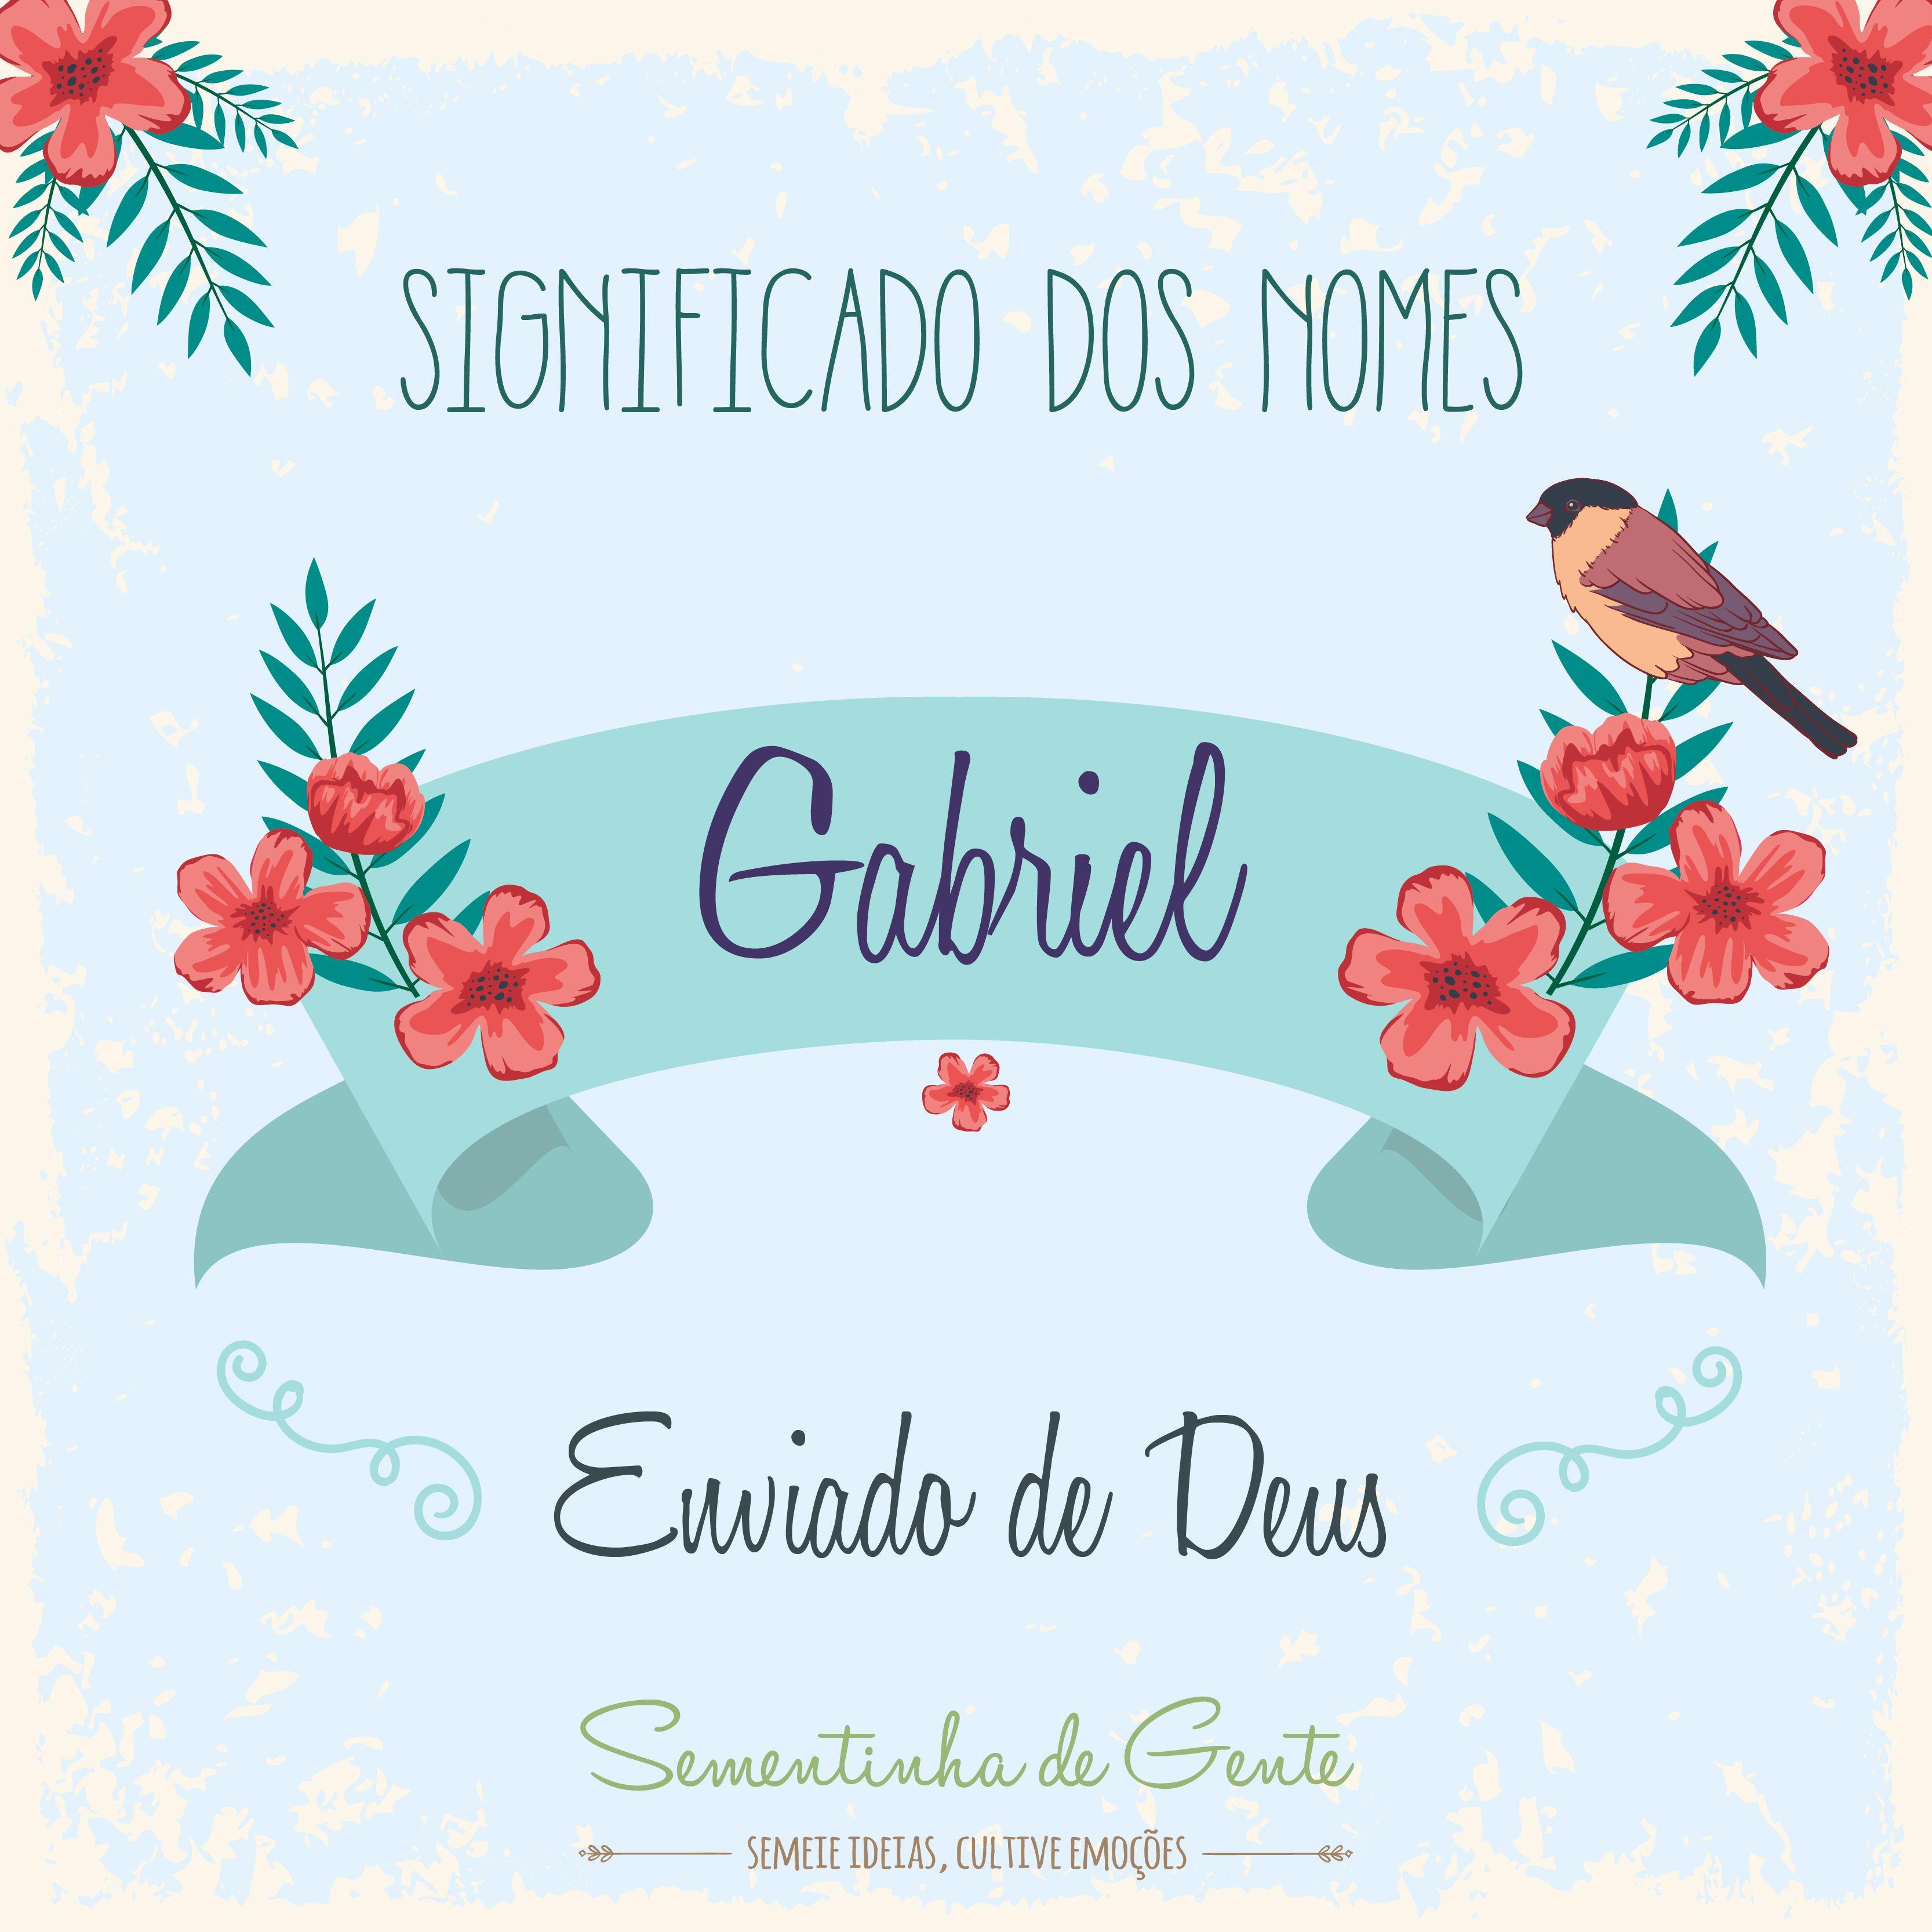 f42c6f5b1b148 Significado do nome - Gabriel   sementinhadegente.com.br    Nomes ...